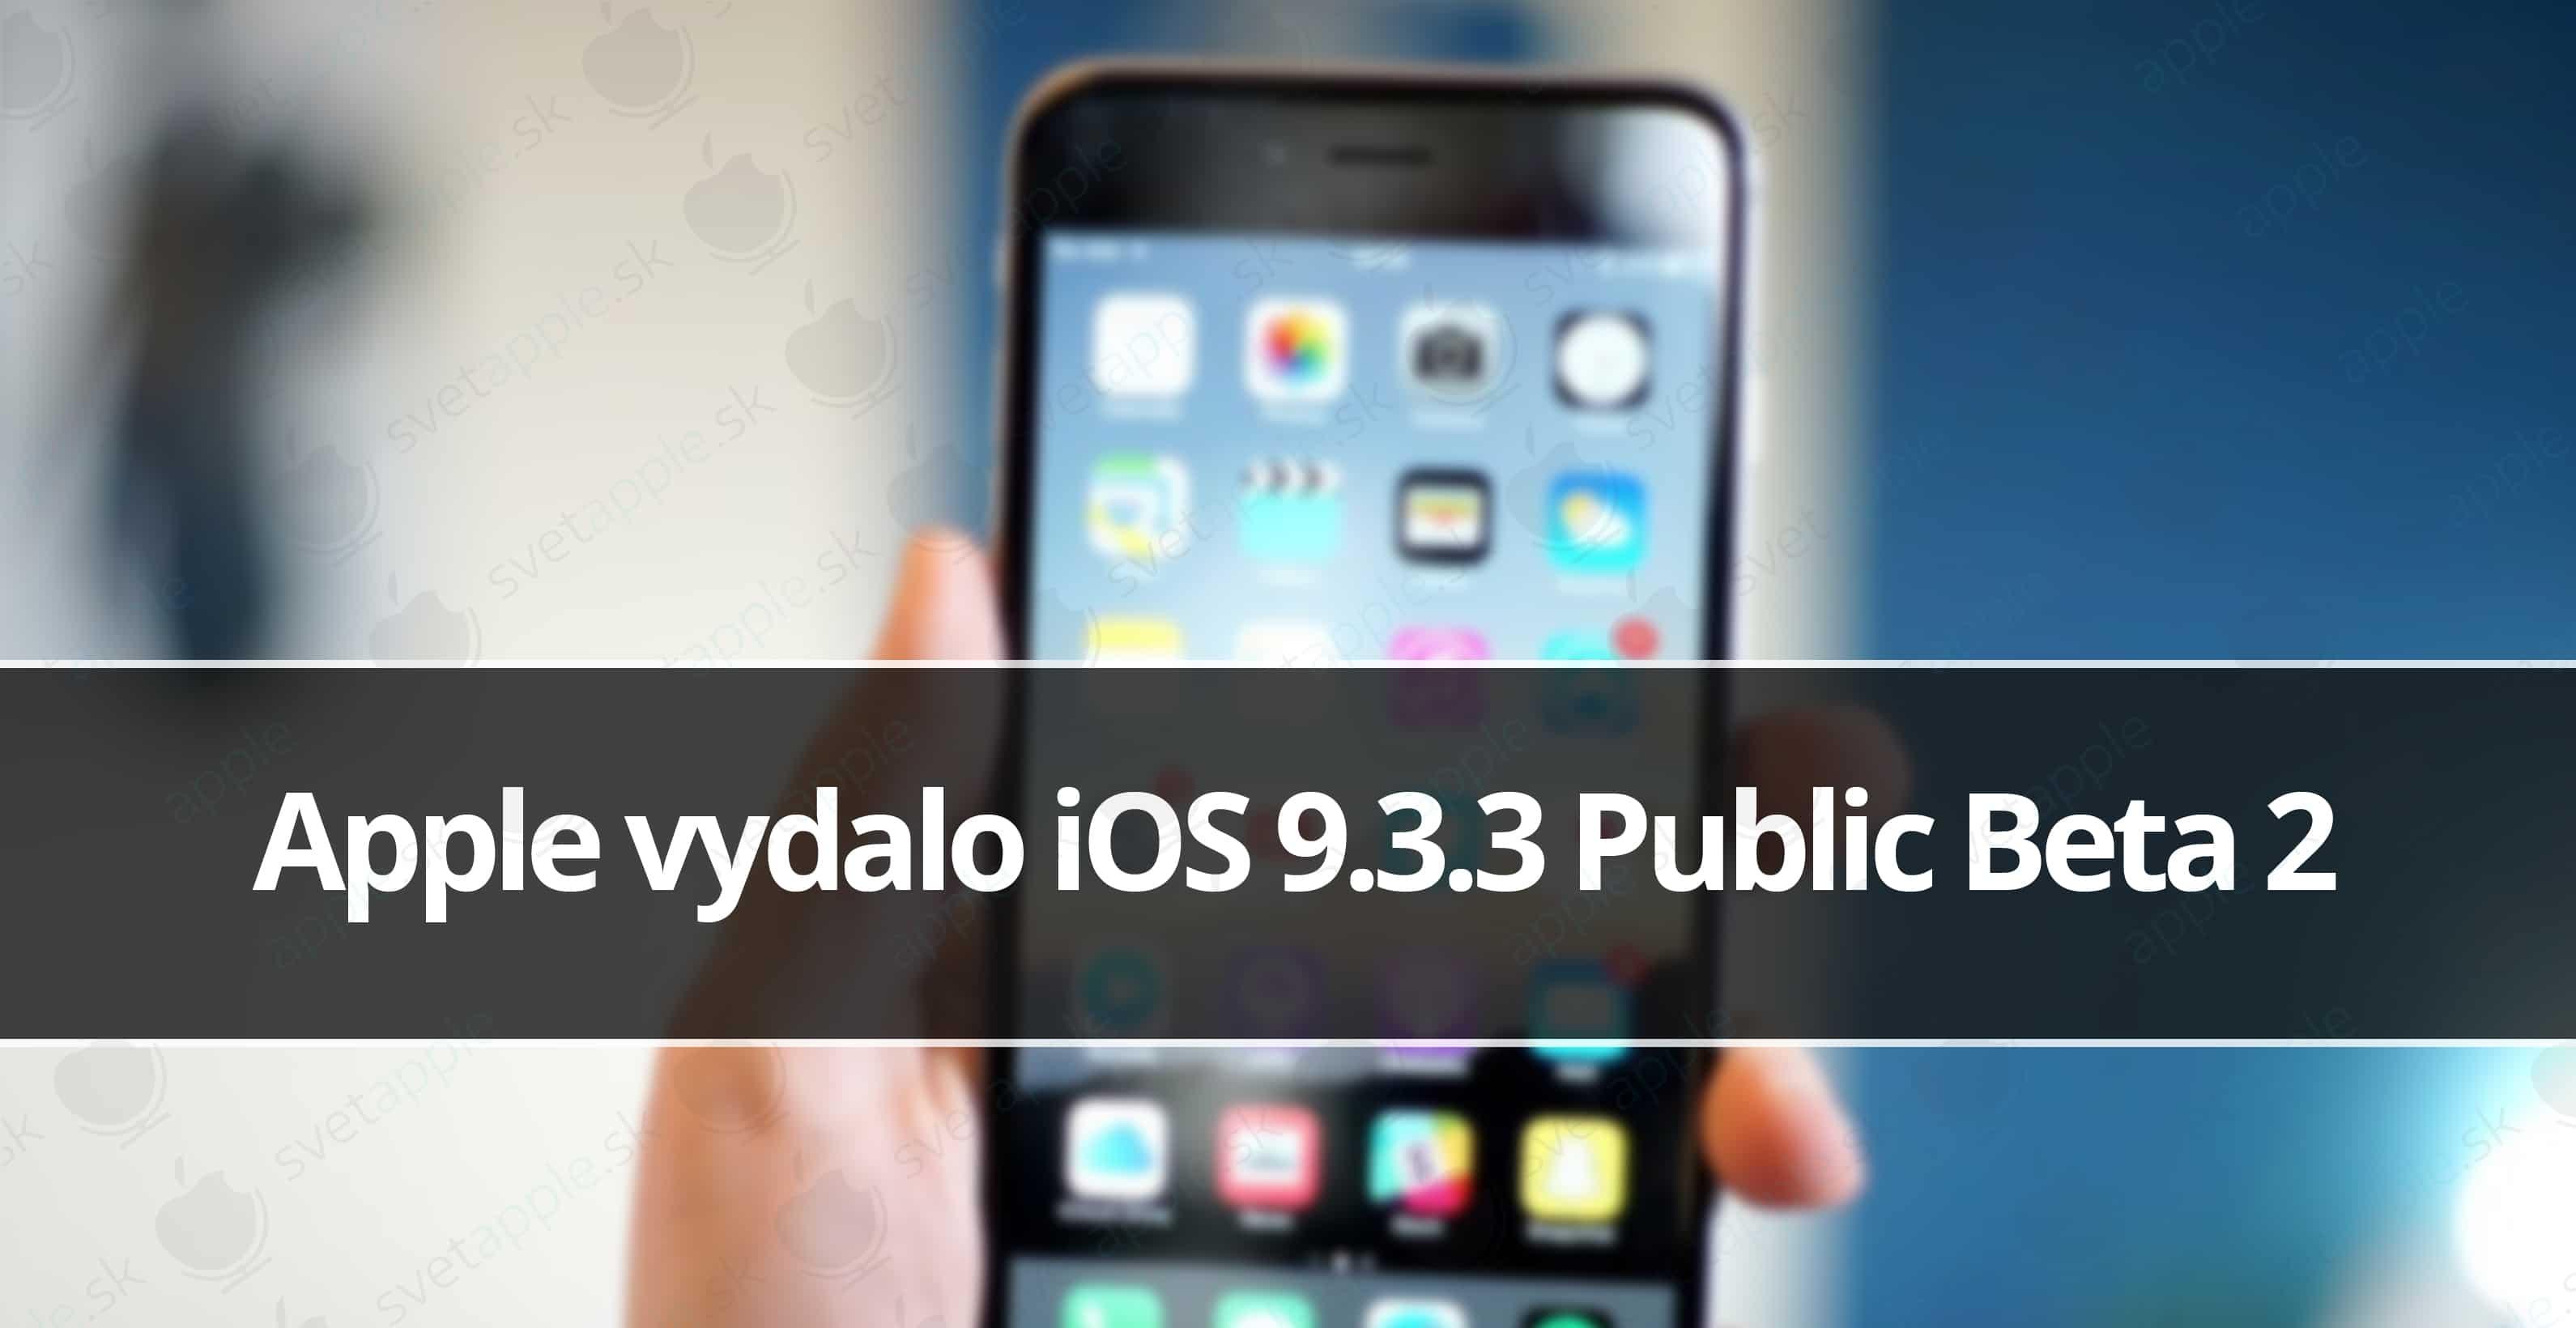 iOS 9.3.3 Public Beta 2